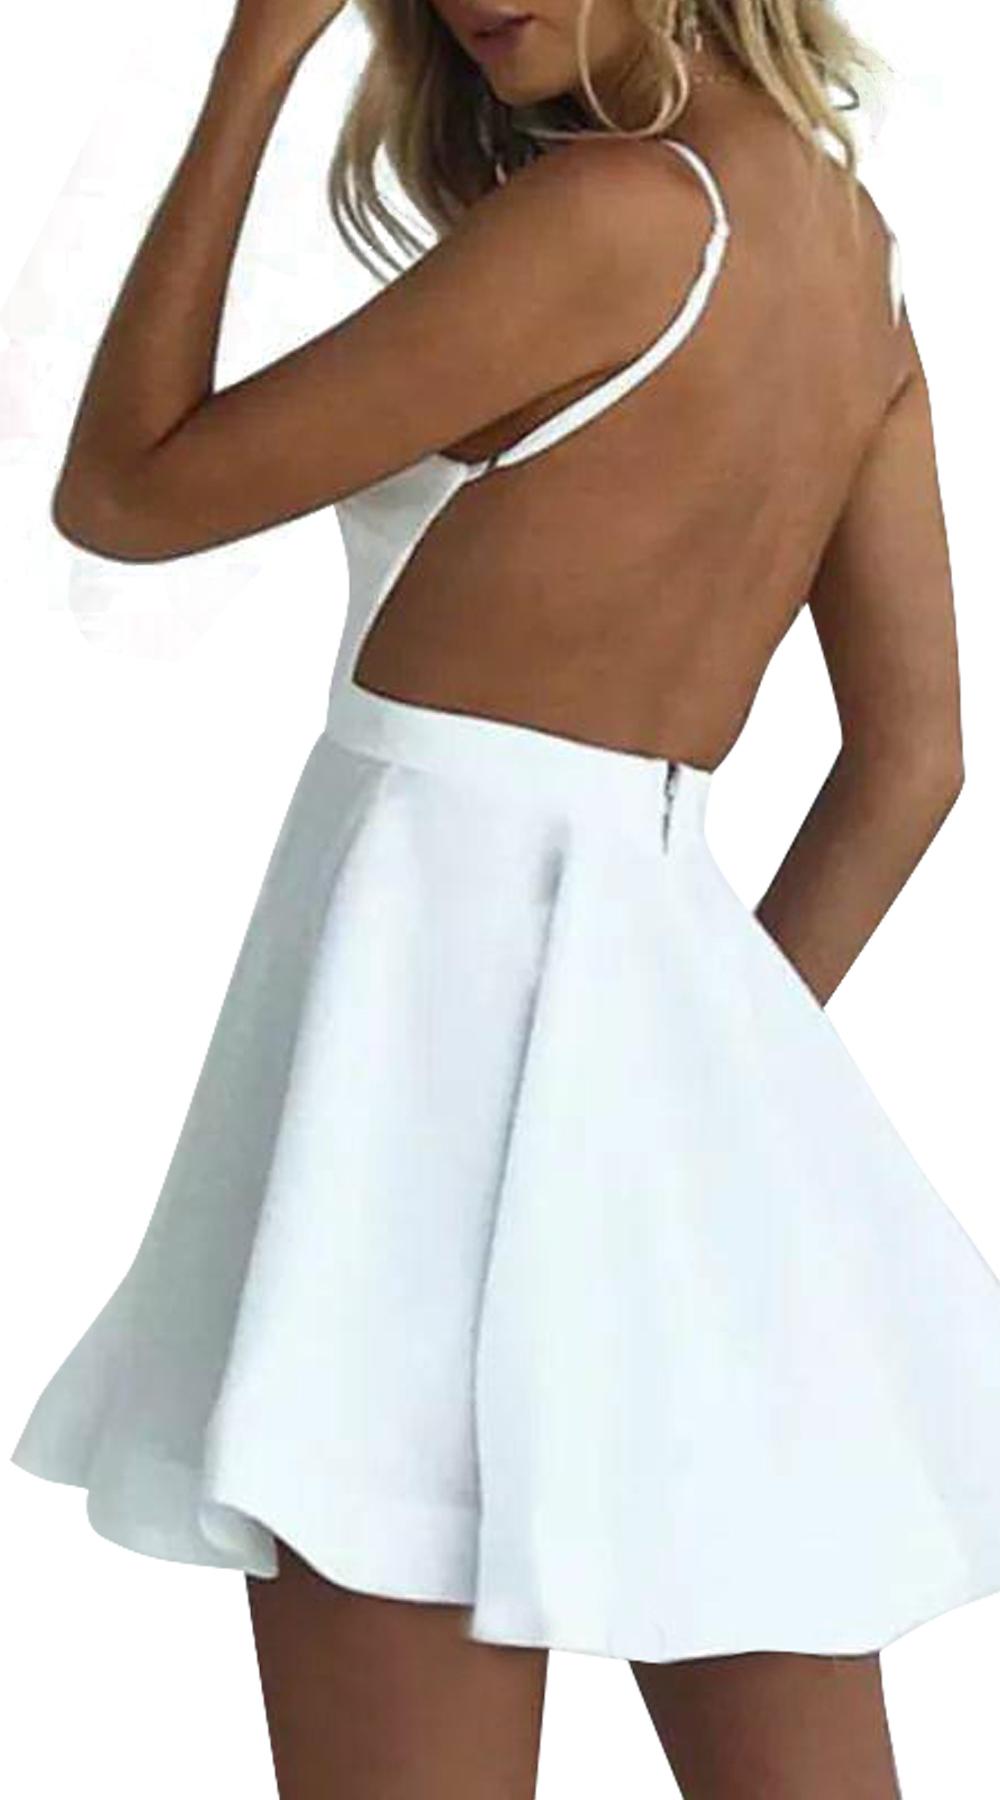 Μίνι φόρεμα κλος με ανοιχτή πλάτη - OEM - SP18SOF-5019921121 φορέματα μίνι φορέματα